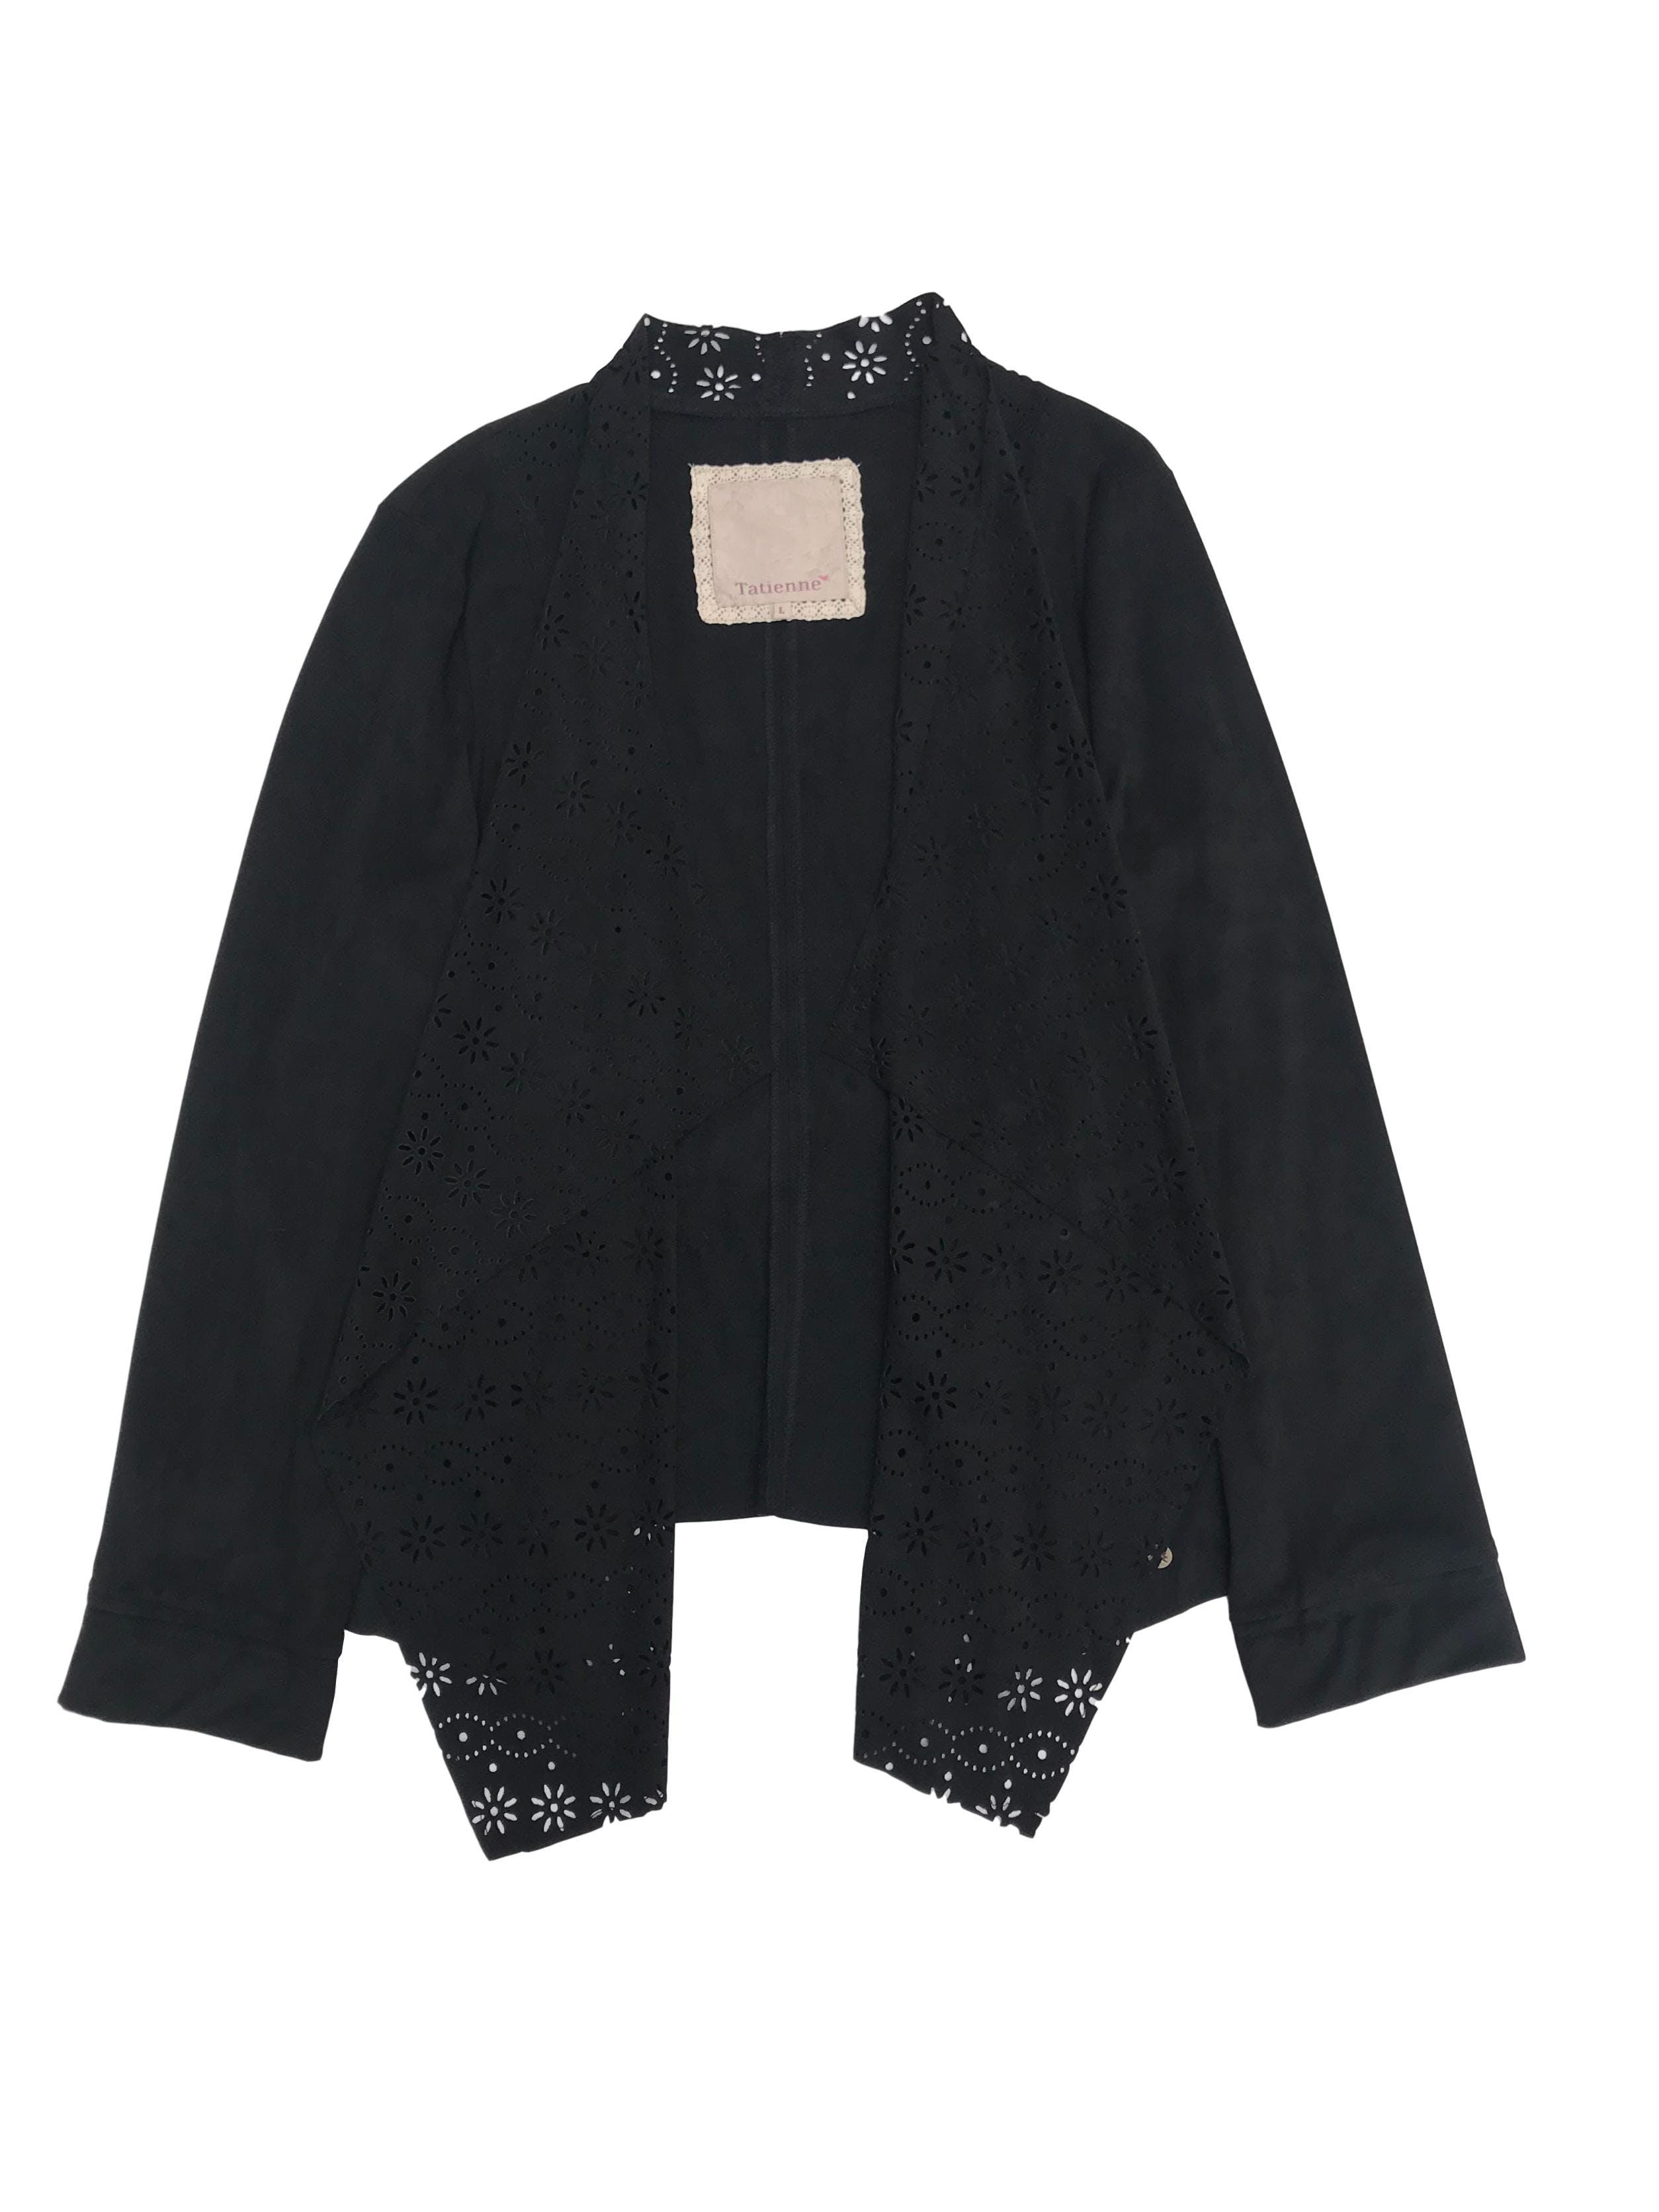 Casaca tipo gamuza negra delgada con delantero asimétrico y detalles calados